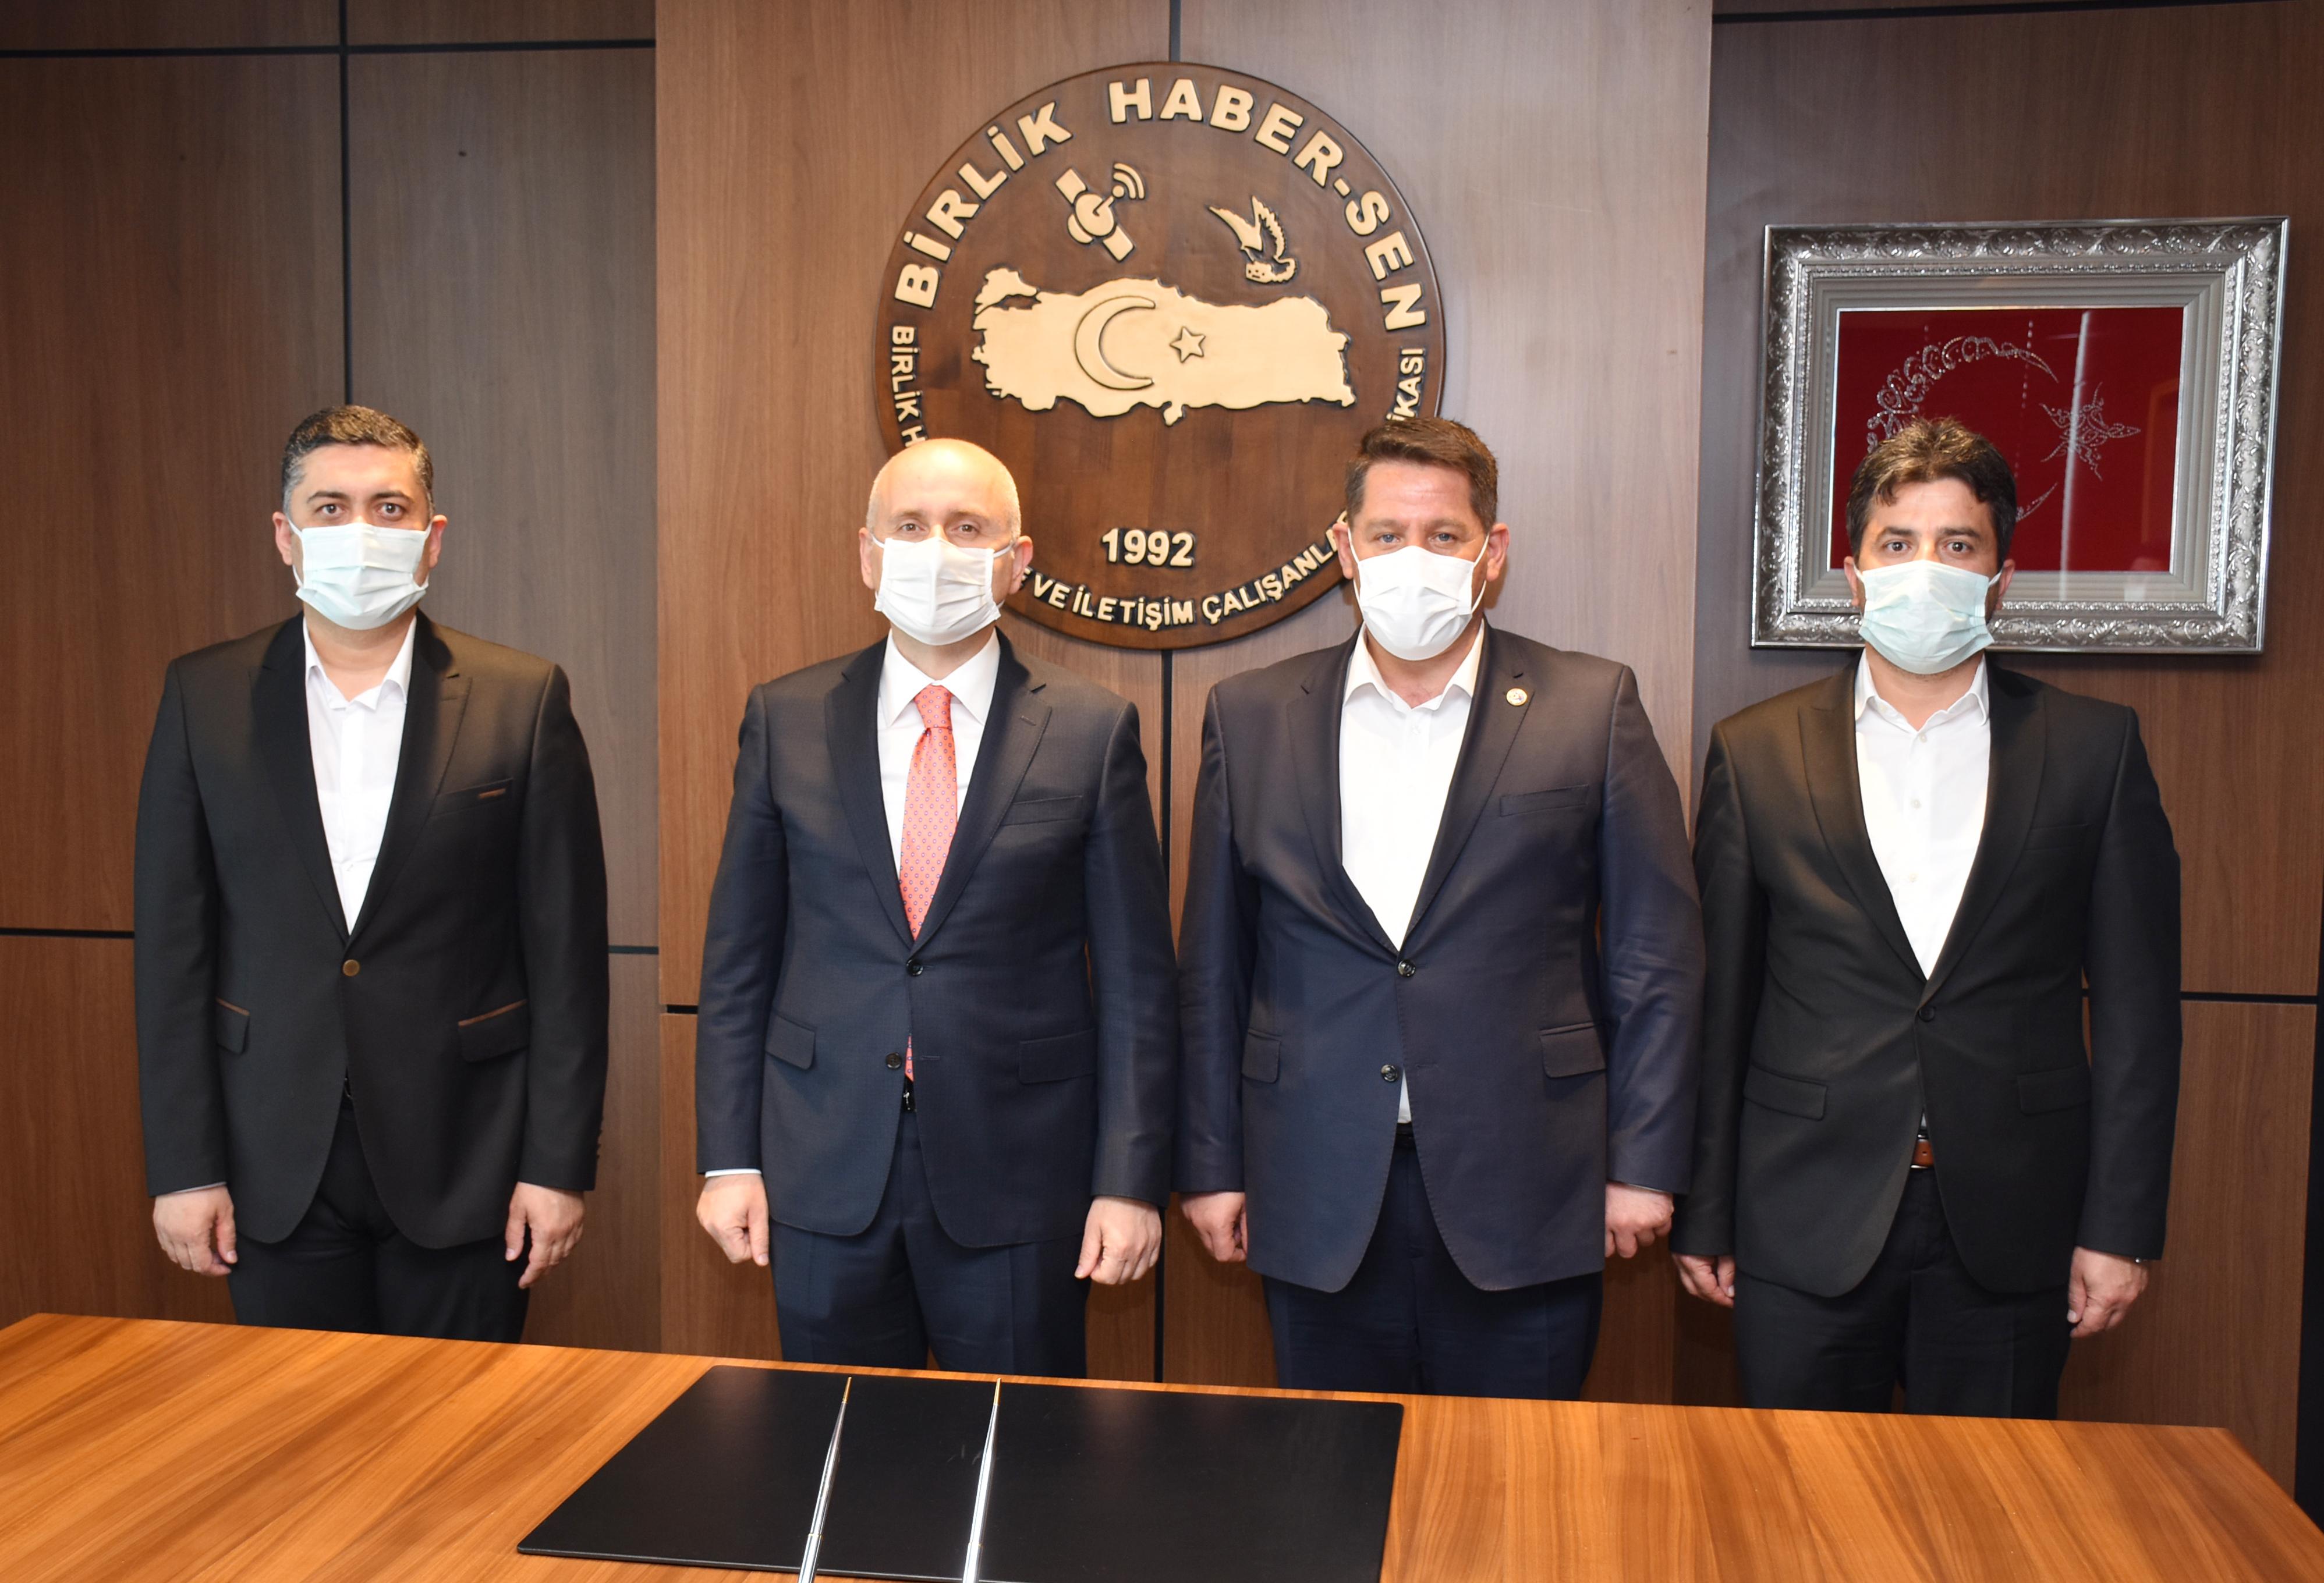 Ulaştırma ve Altyapı Bakanı Karaismailoğlu'ndan Birlik Haber-Sen'e Ziyaret